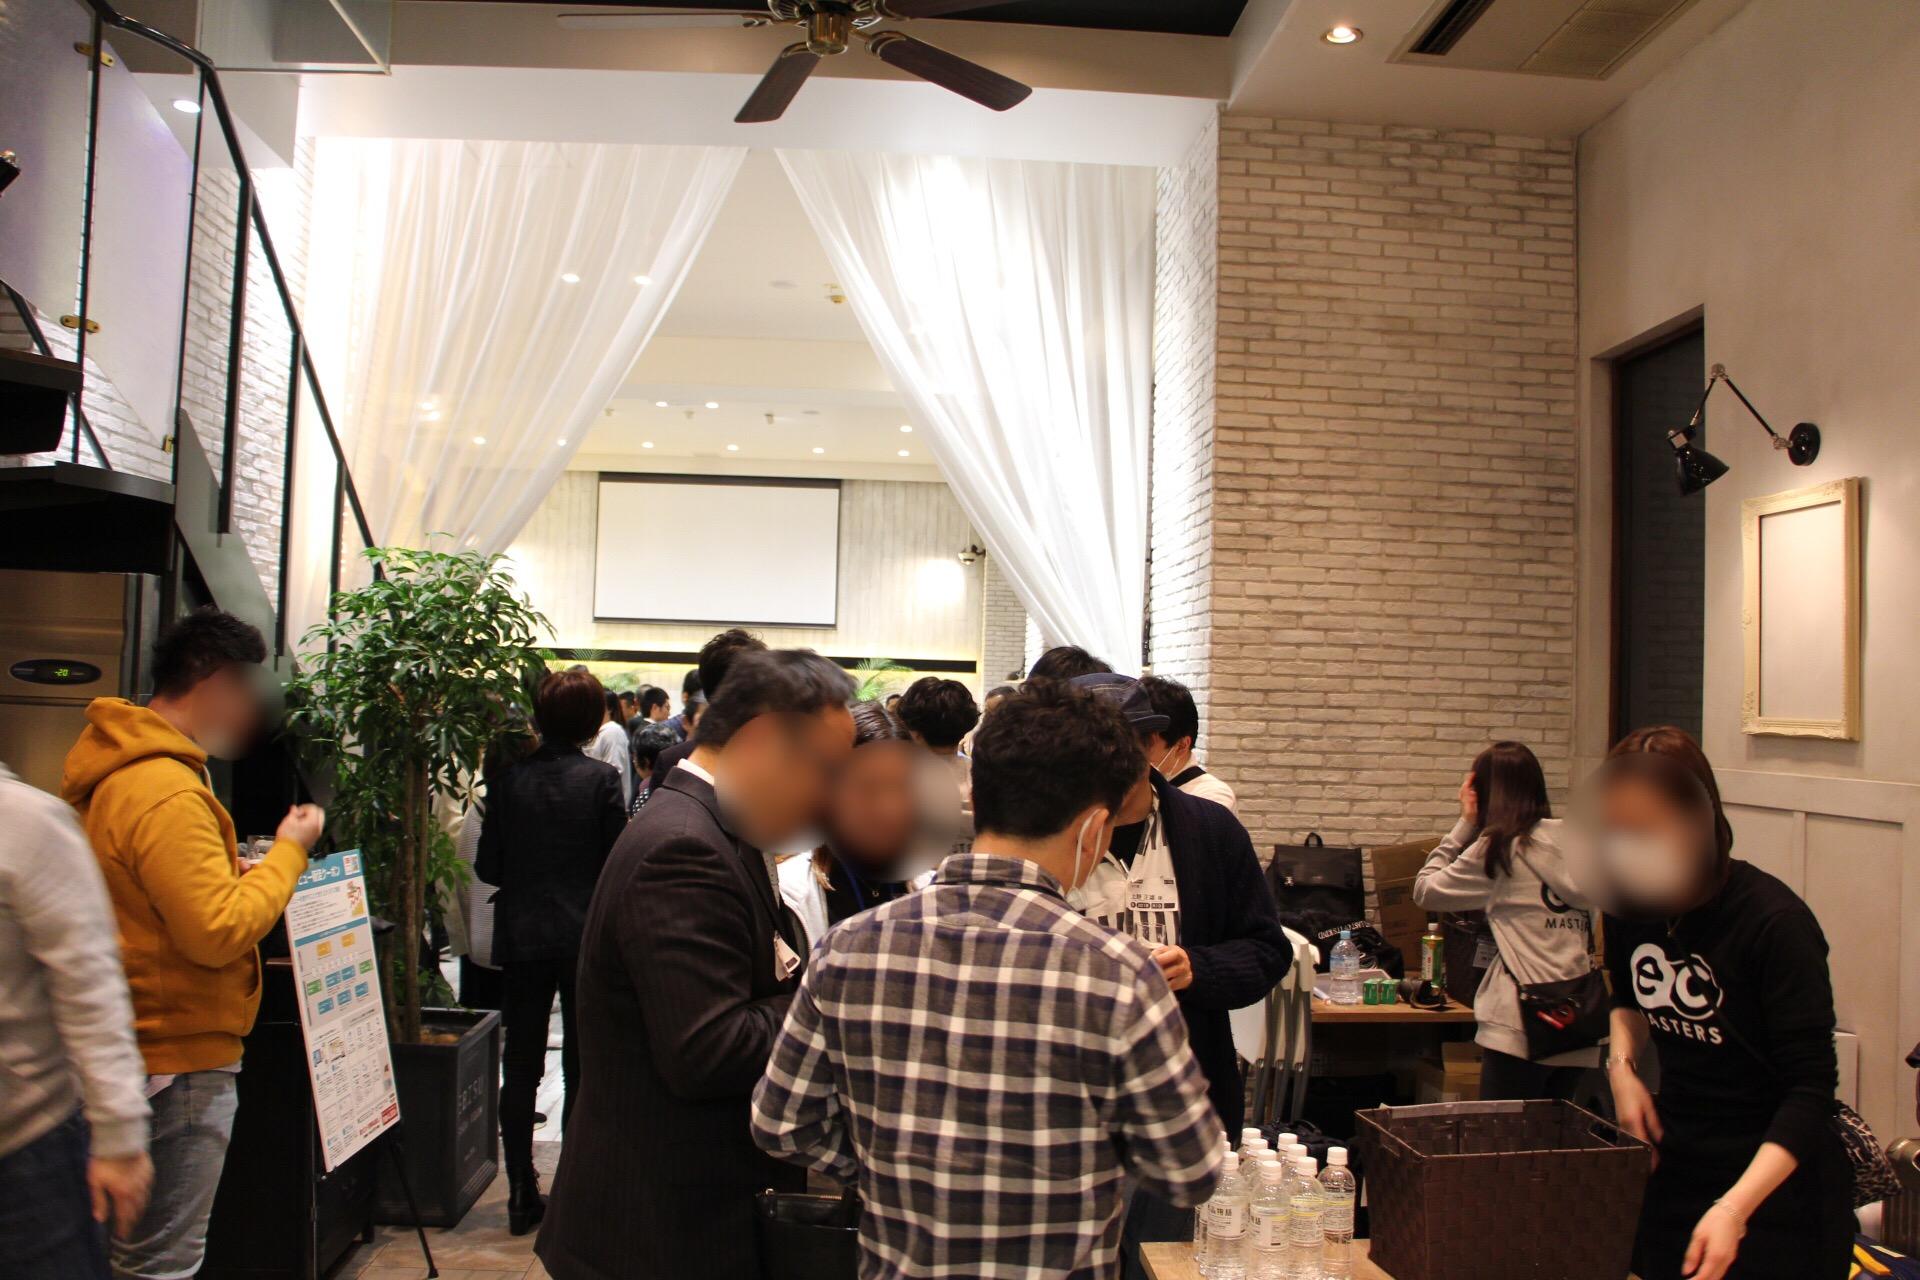 セミナー開催!来場者100名以上@EBISU SHOW ROOM|TIME SHARING|タイムシェアリング |スペースマネジメント|あどばる|adval|SHARING